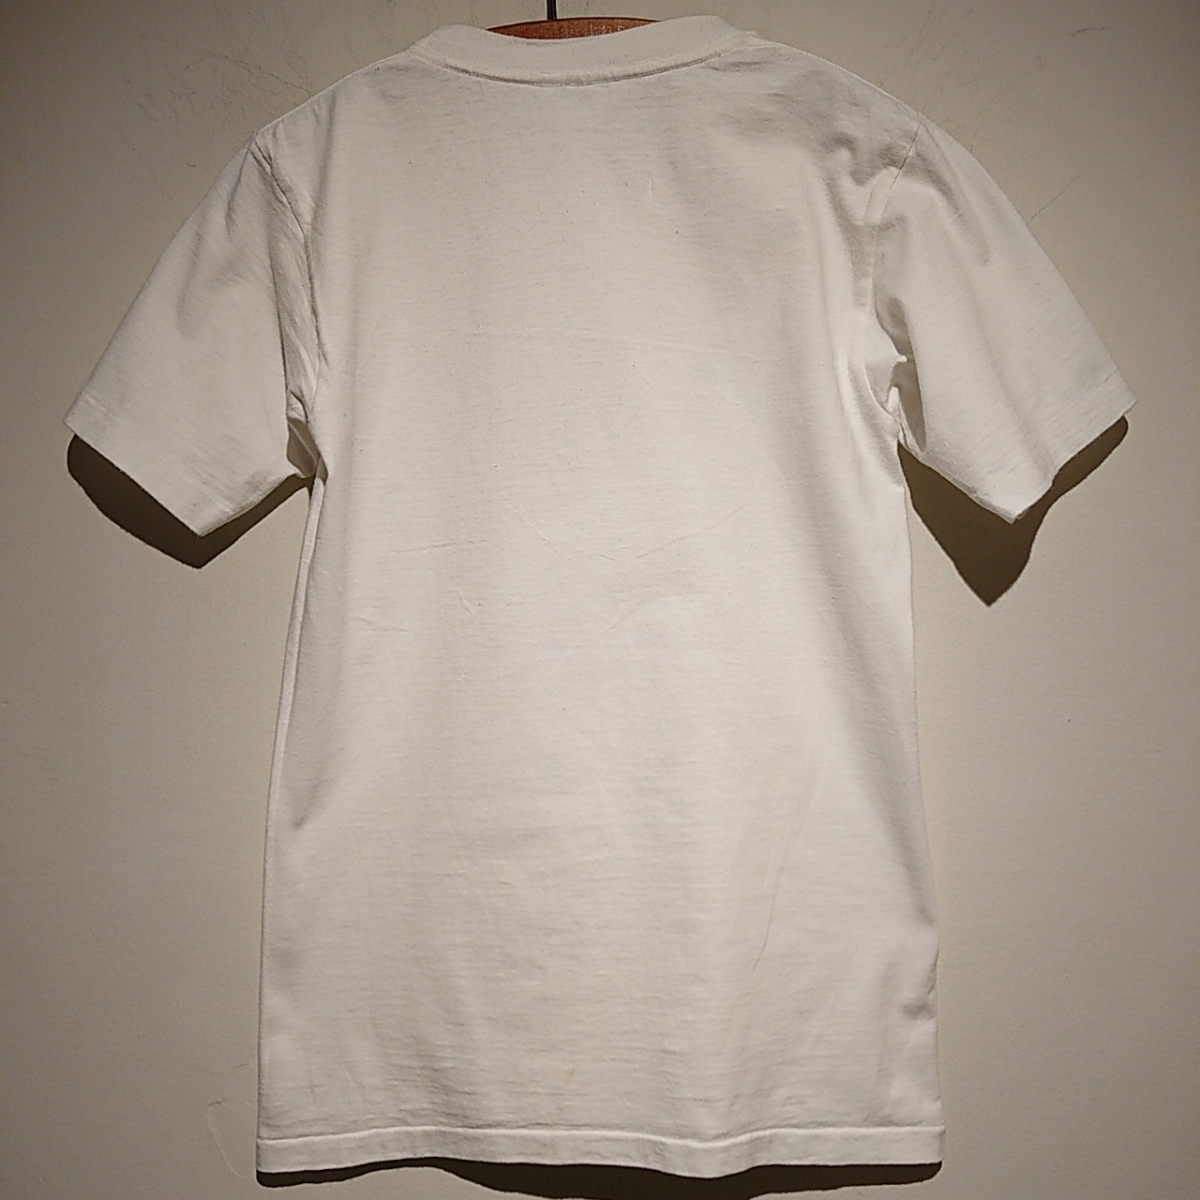 90s ビンテージ NORMAN ROCKWELL ノーマン ロックウェル Tシャツ アート t アメリカ usa 製 白 S プリント 古着_画像9